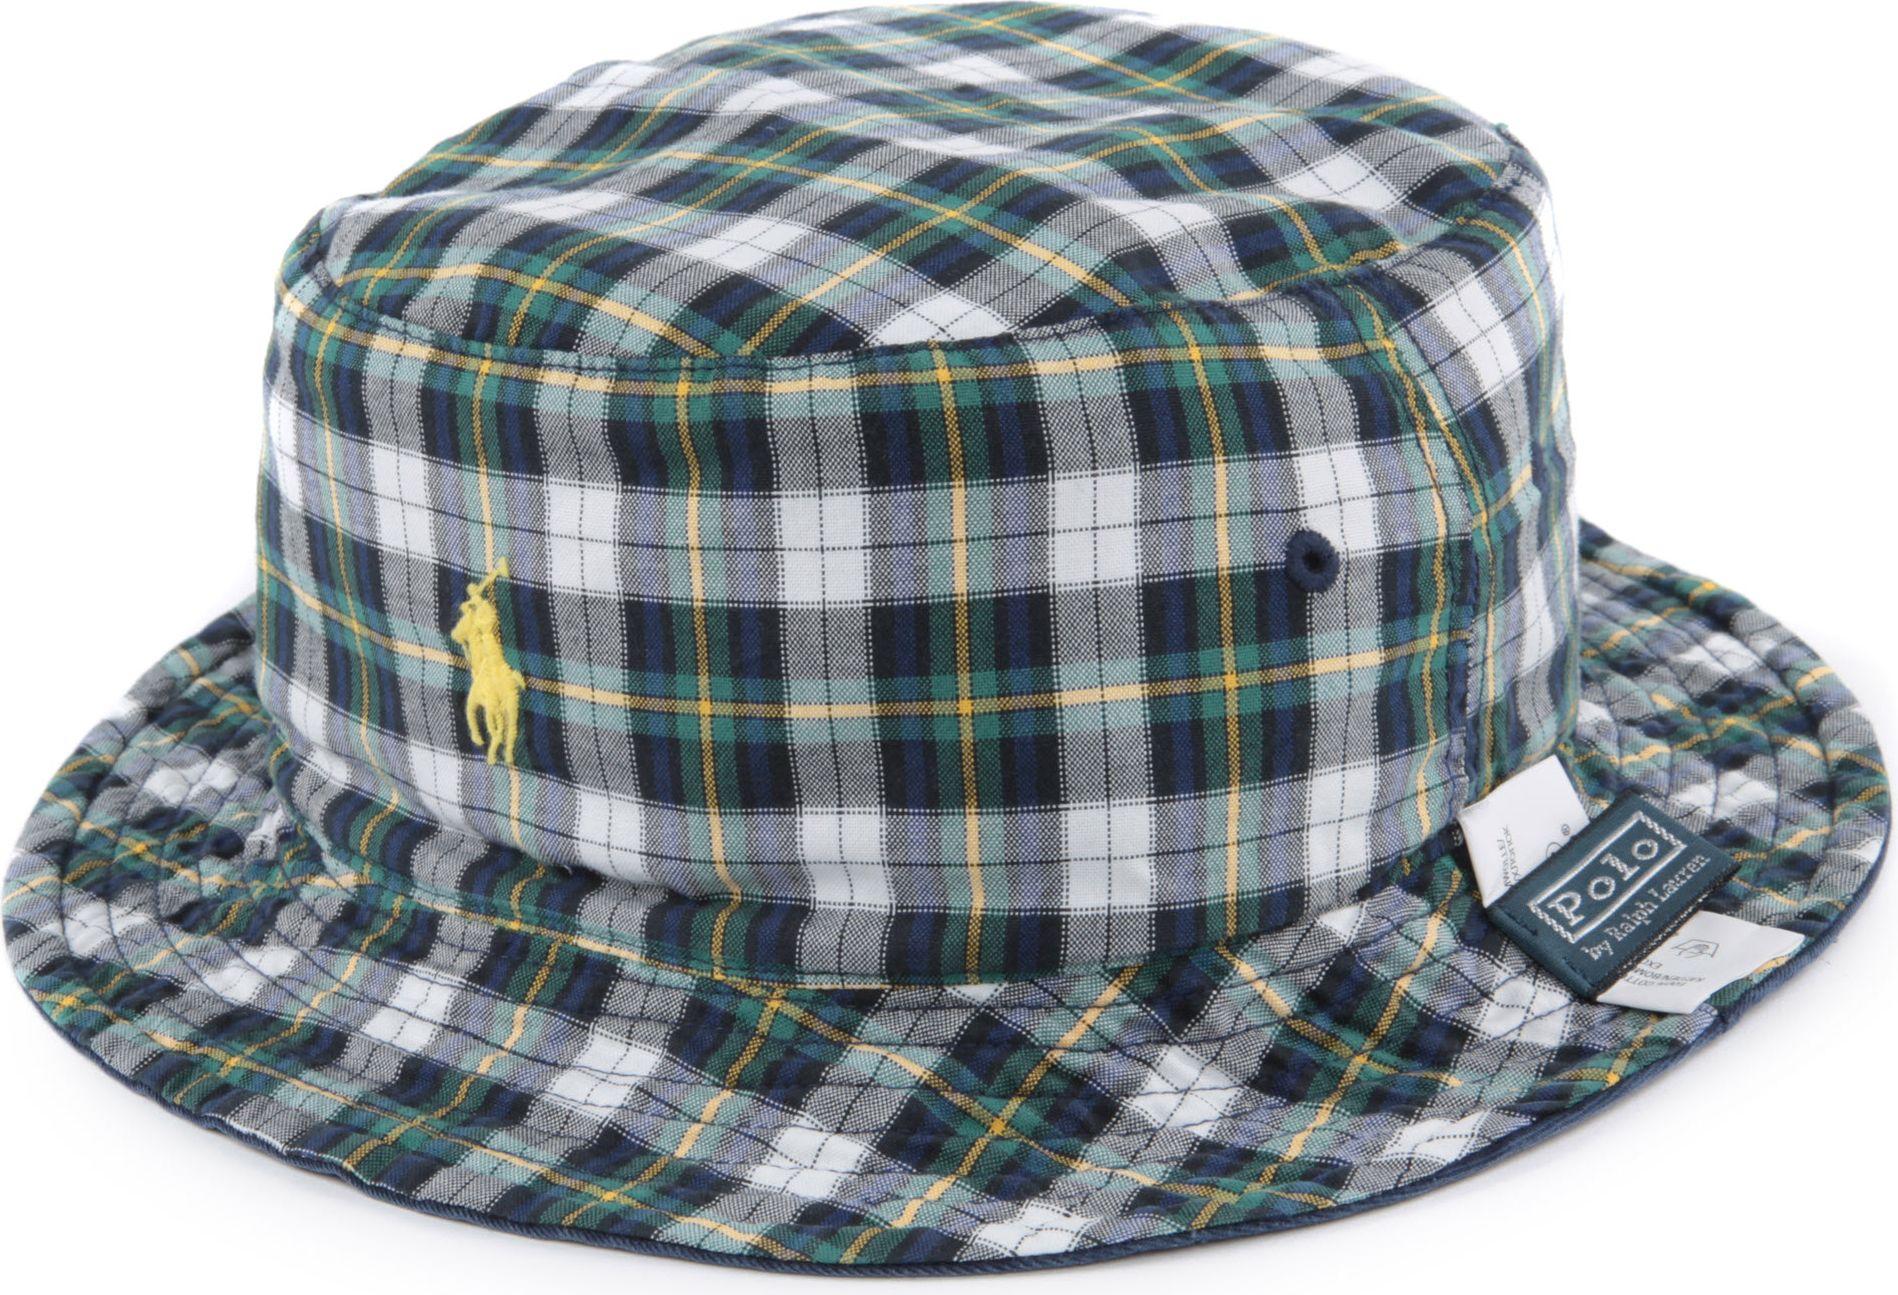 a158d6f0aec Ralph Lauren Reversible Beachside Bucket Hat in Black for Men - Lyst